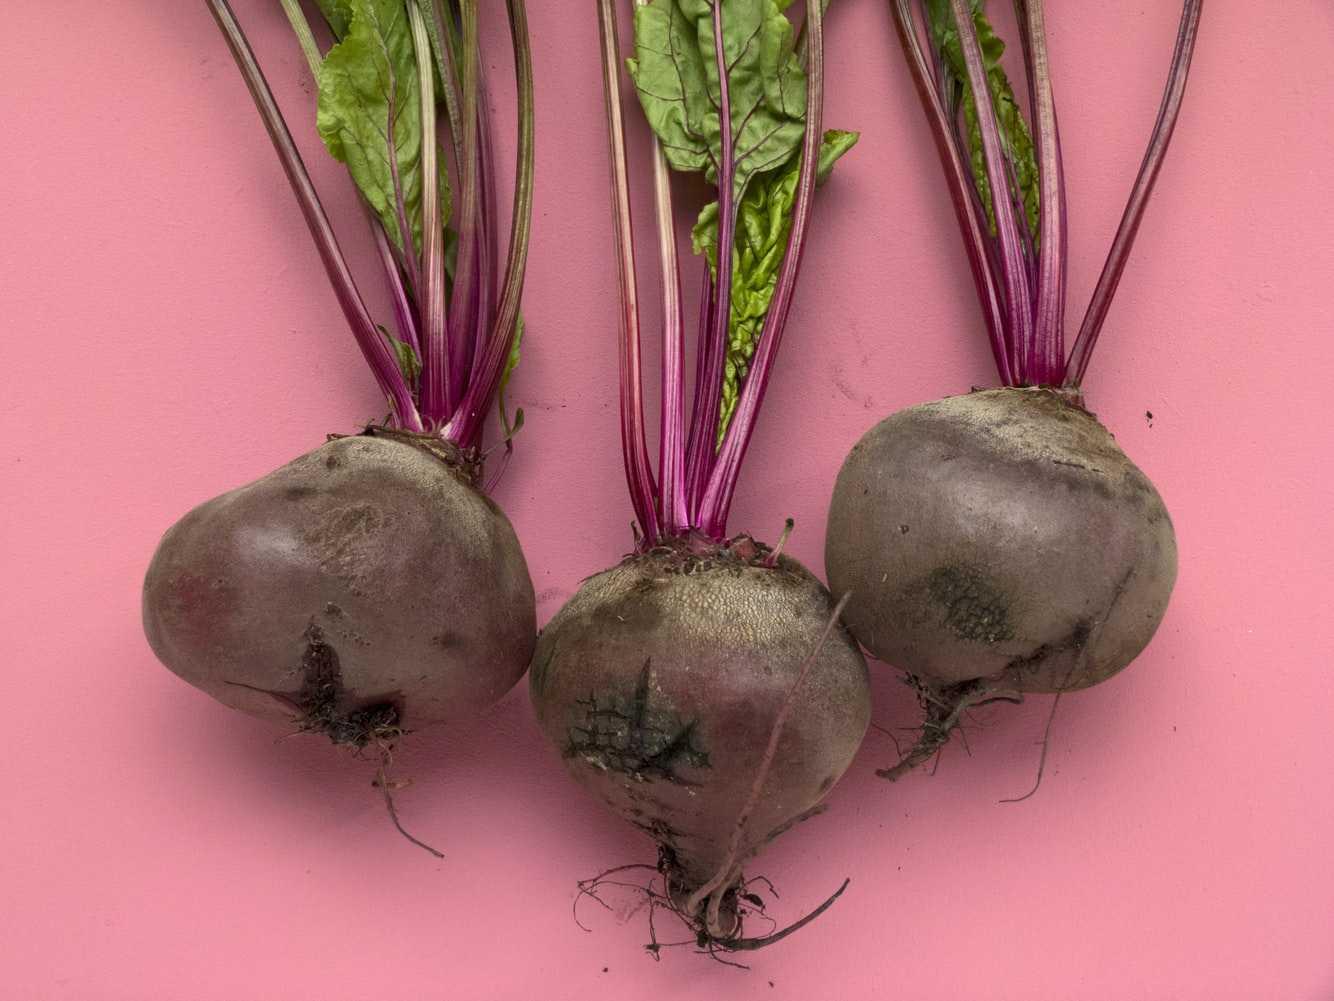 Осенний рацион для здорового питания 9 лучших продуктов - Свекла